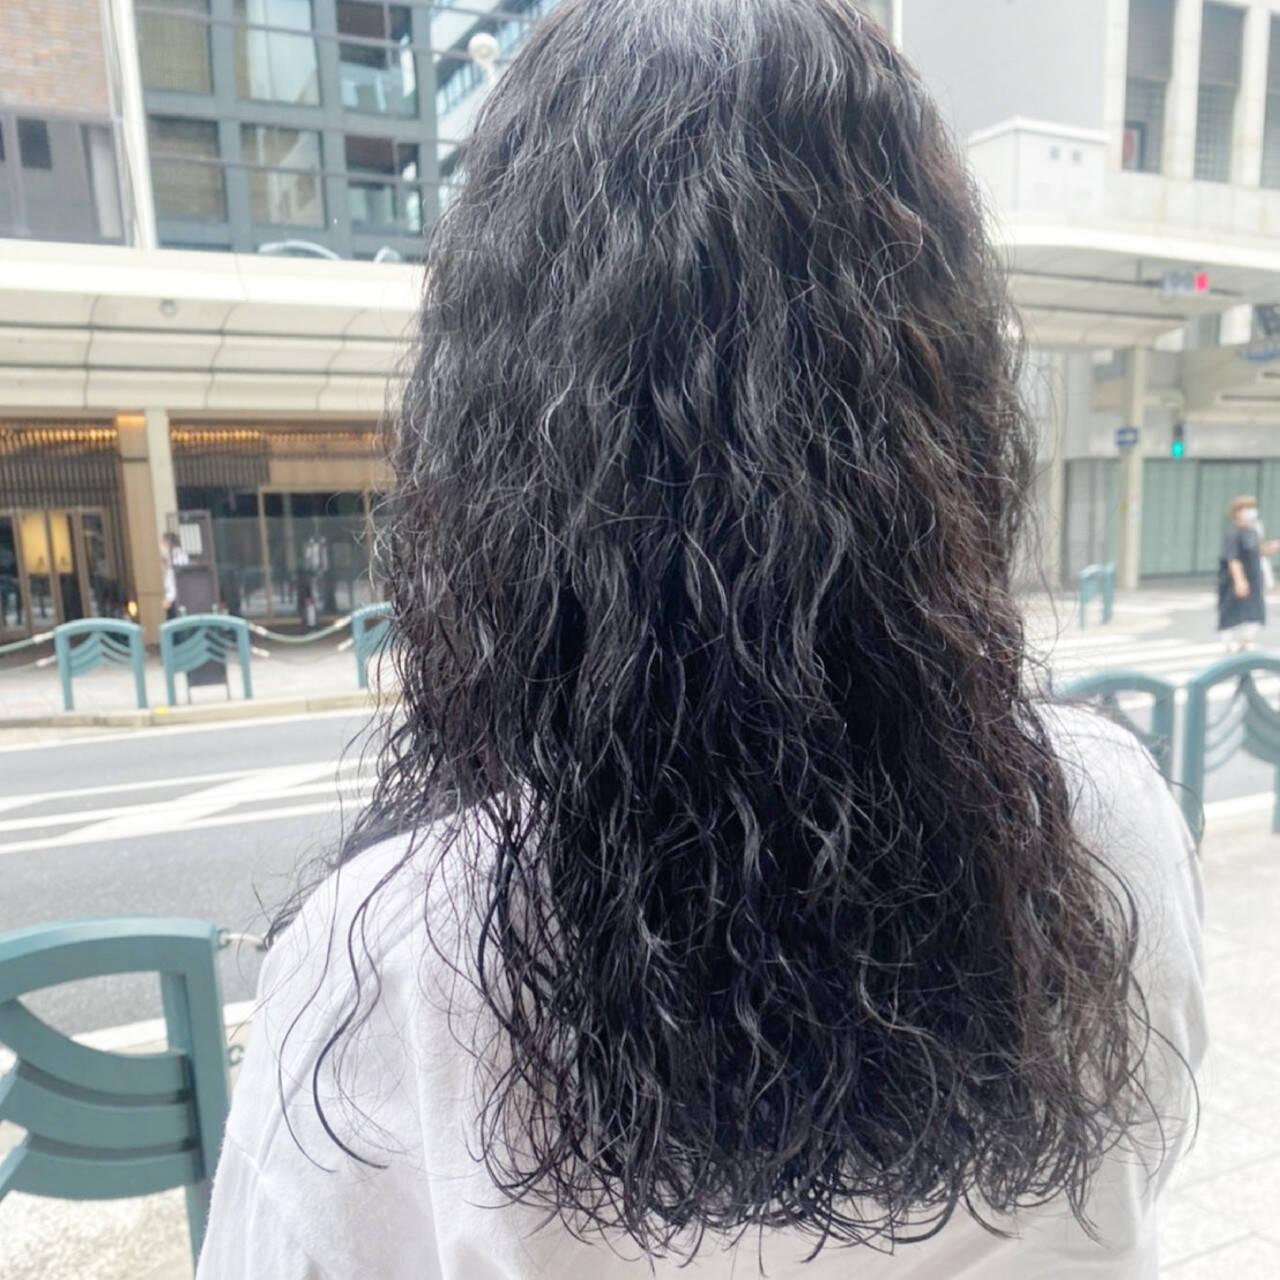 ナチュラル デジタルパーマ ゆるふわパーマ スパイラルパーマヘアスタイルや髪型の写真・画像